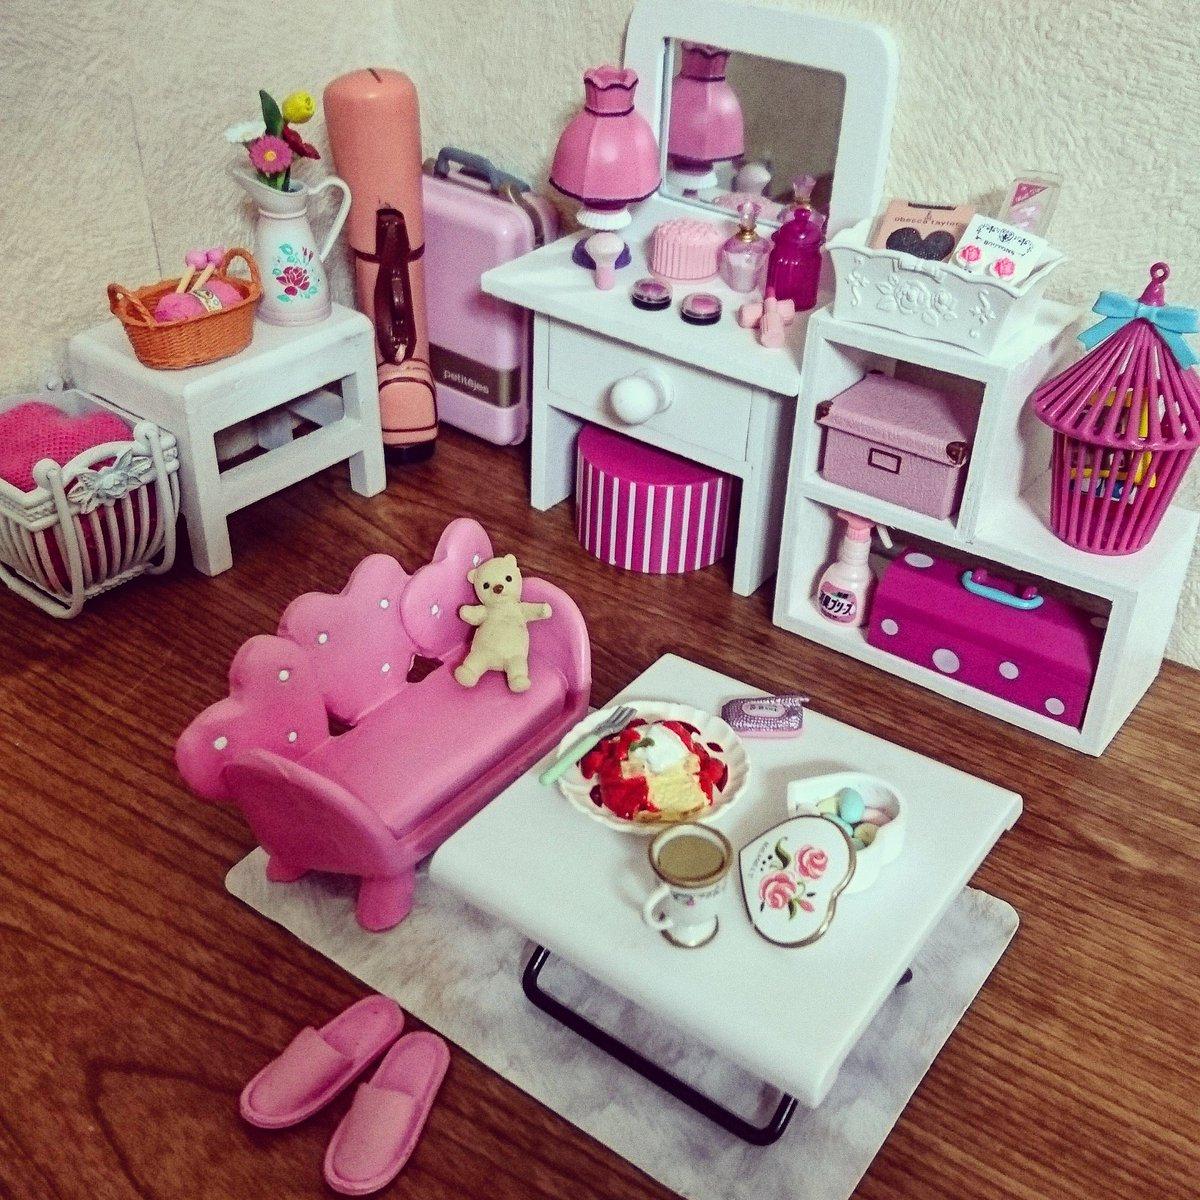 愛 Ai Twitterissa ダイソーでピンク のミニチュアソファーを買ったのでラブリーなお部屋にセッティング テーブルはセリア 棚は 忘れた いづれにしても100均 リーメント ミニチュア ドールハウス